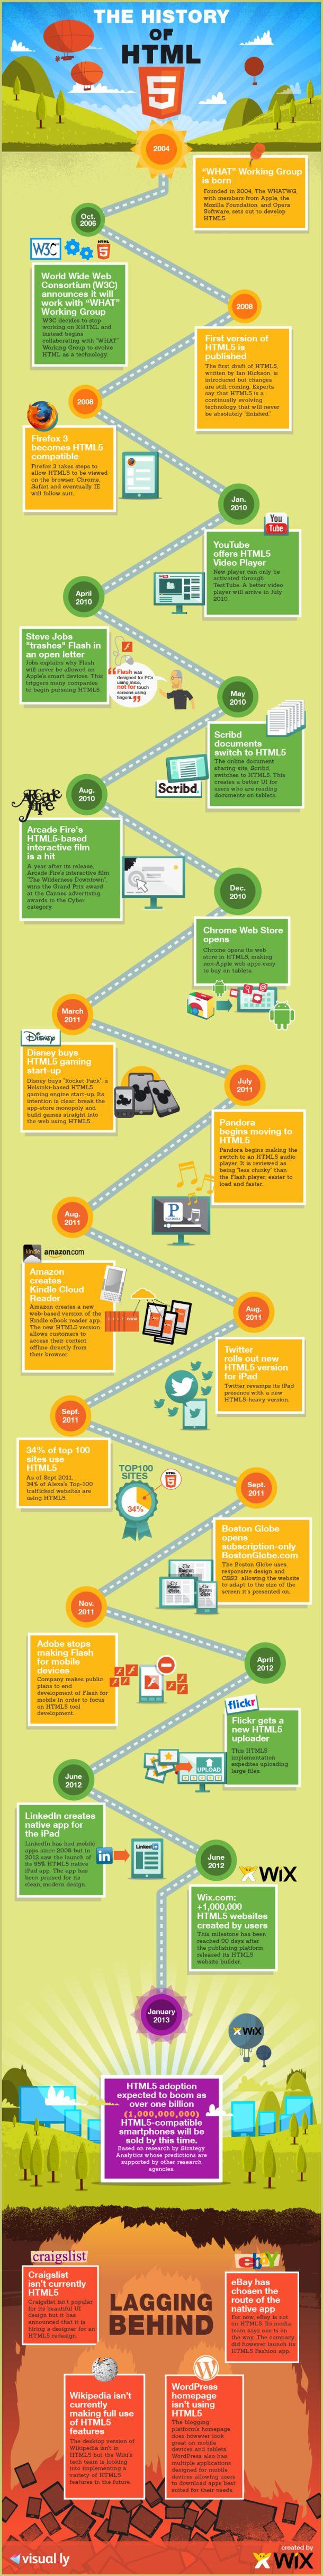 The History of HTML 5. Bespoke Social Media & Marketing